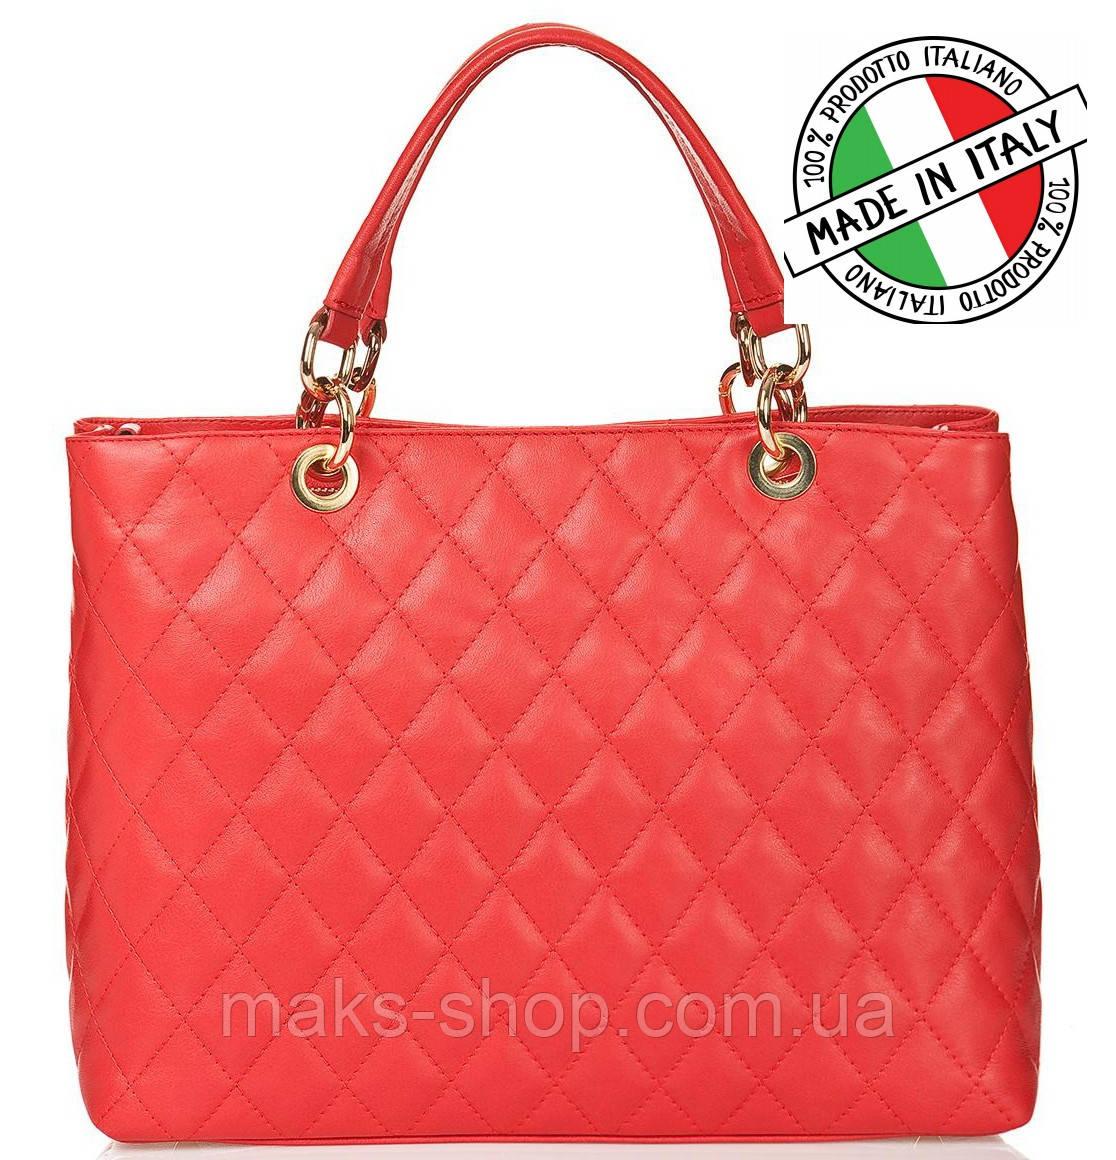 a1ba744cfcfd Сумка из Италии,натуральная кожа Bottega Carele BC104 - Maks Shop- надежный  и перспективный